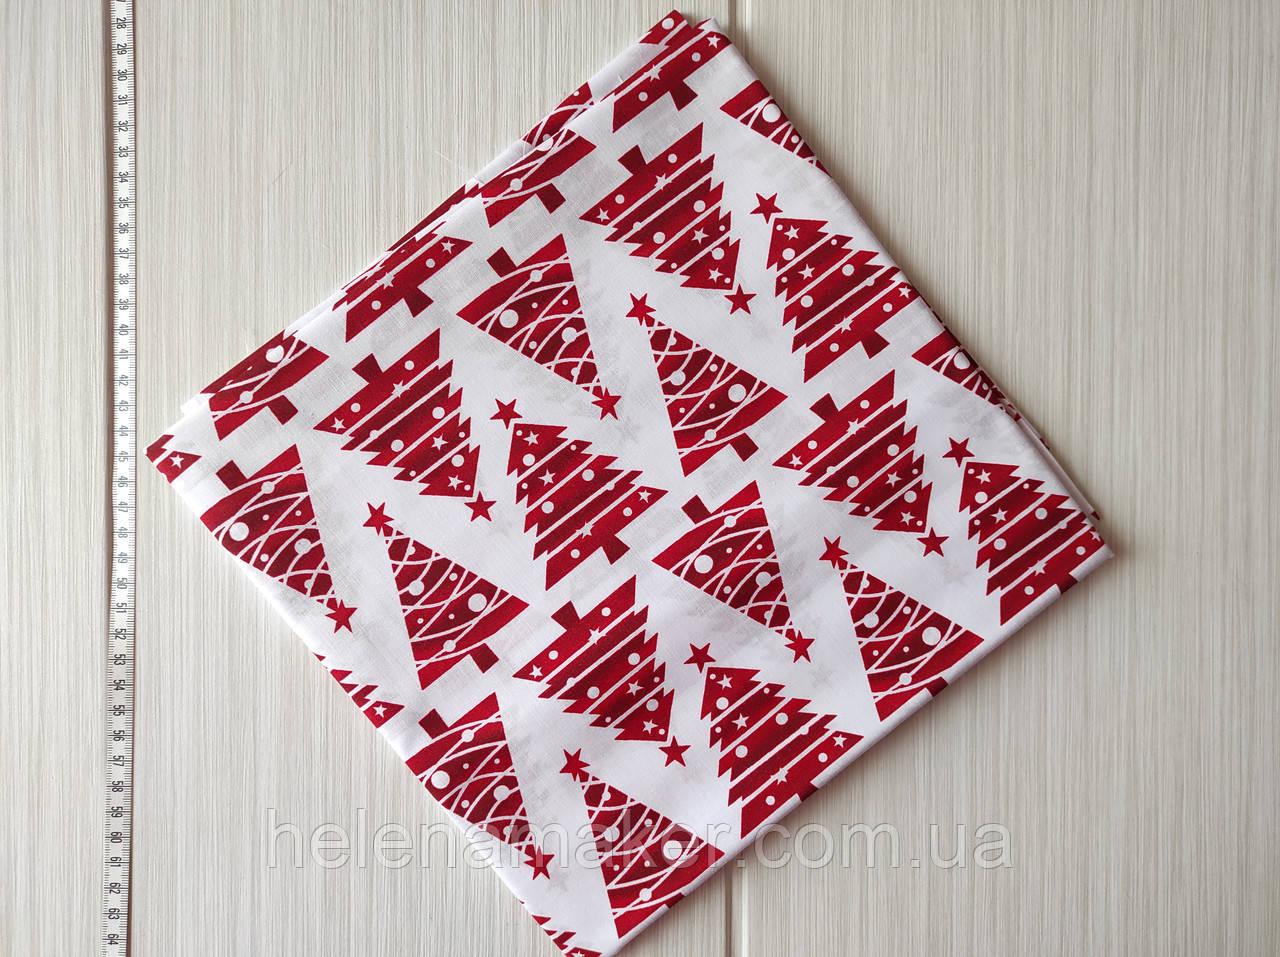 Новогодняя ткань с рисунком Красные елочки 50*50 см